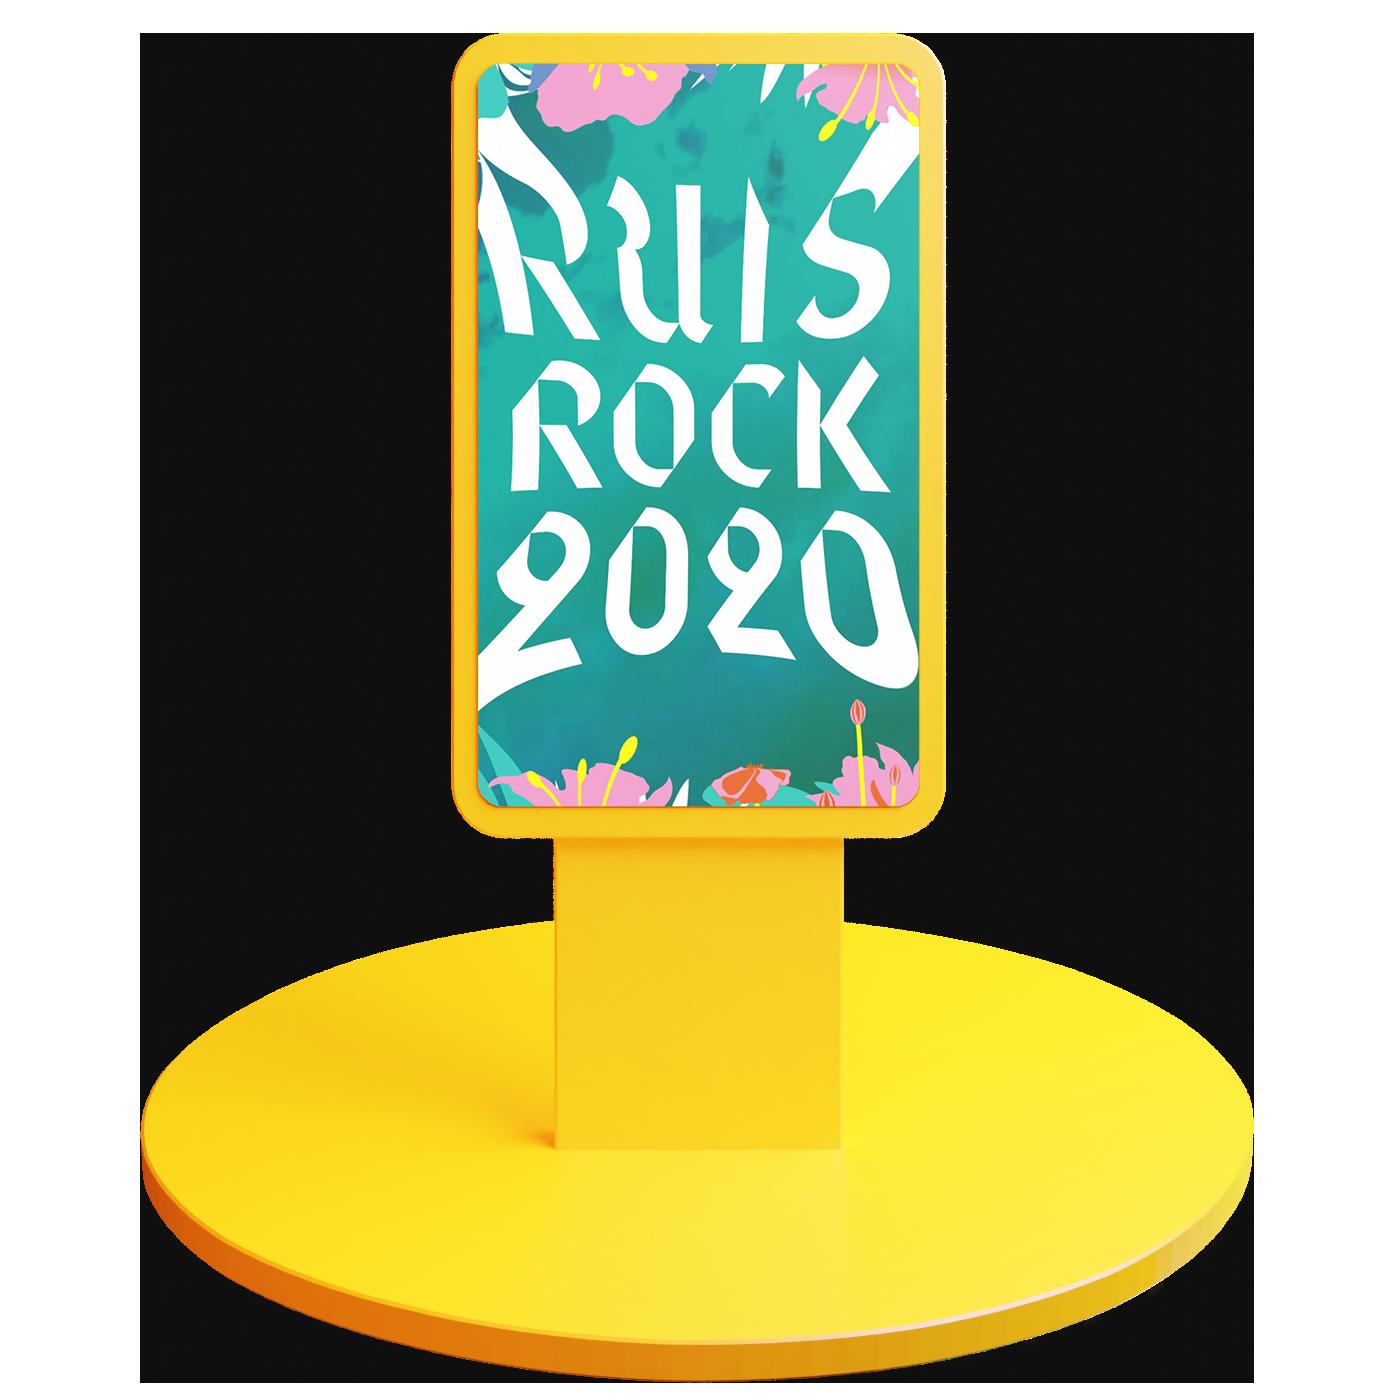 Kuvakaappaus Jukran suunnitteleman DOOH-mainoksen alusta. Kuvassa näkyy turkoosiksi värimääritelty räjähdys ja Ruisrockin warpattu logo.